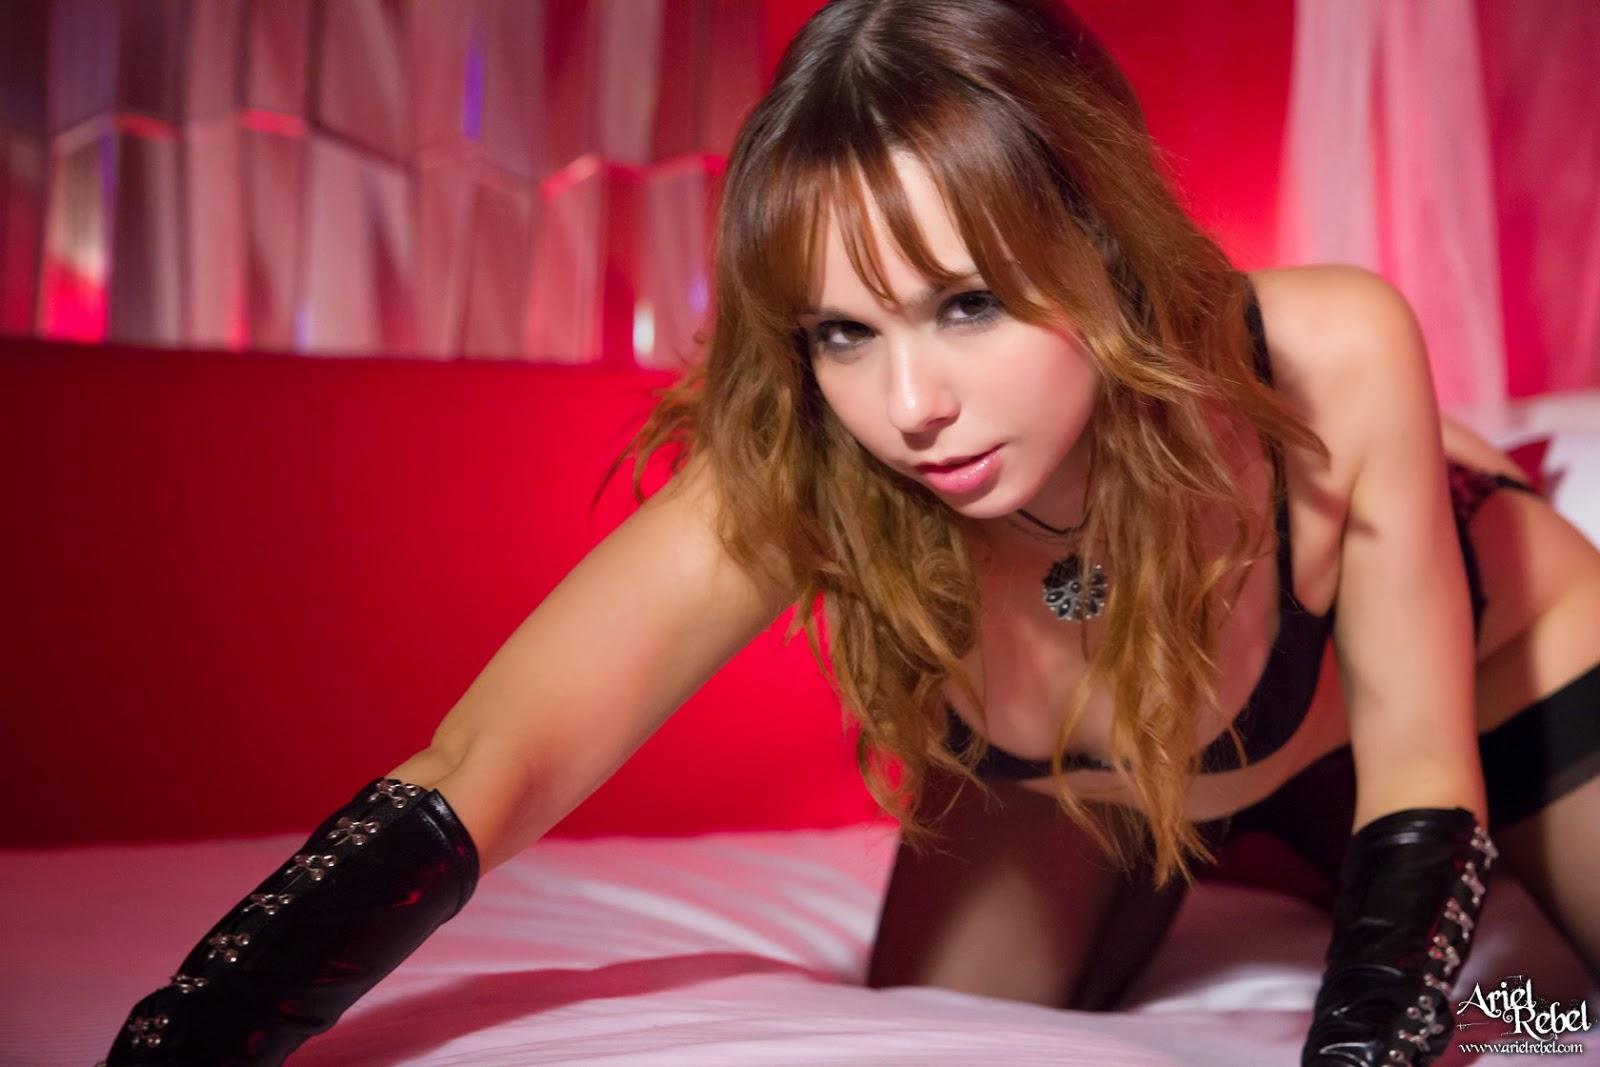 Русская ariel nastya, Nastya Ariel порно - HD видео для взрослых - SpankBang 1 фотография